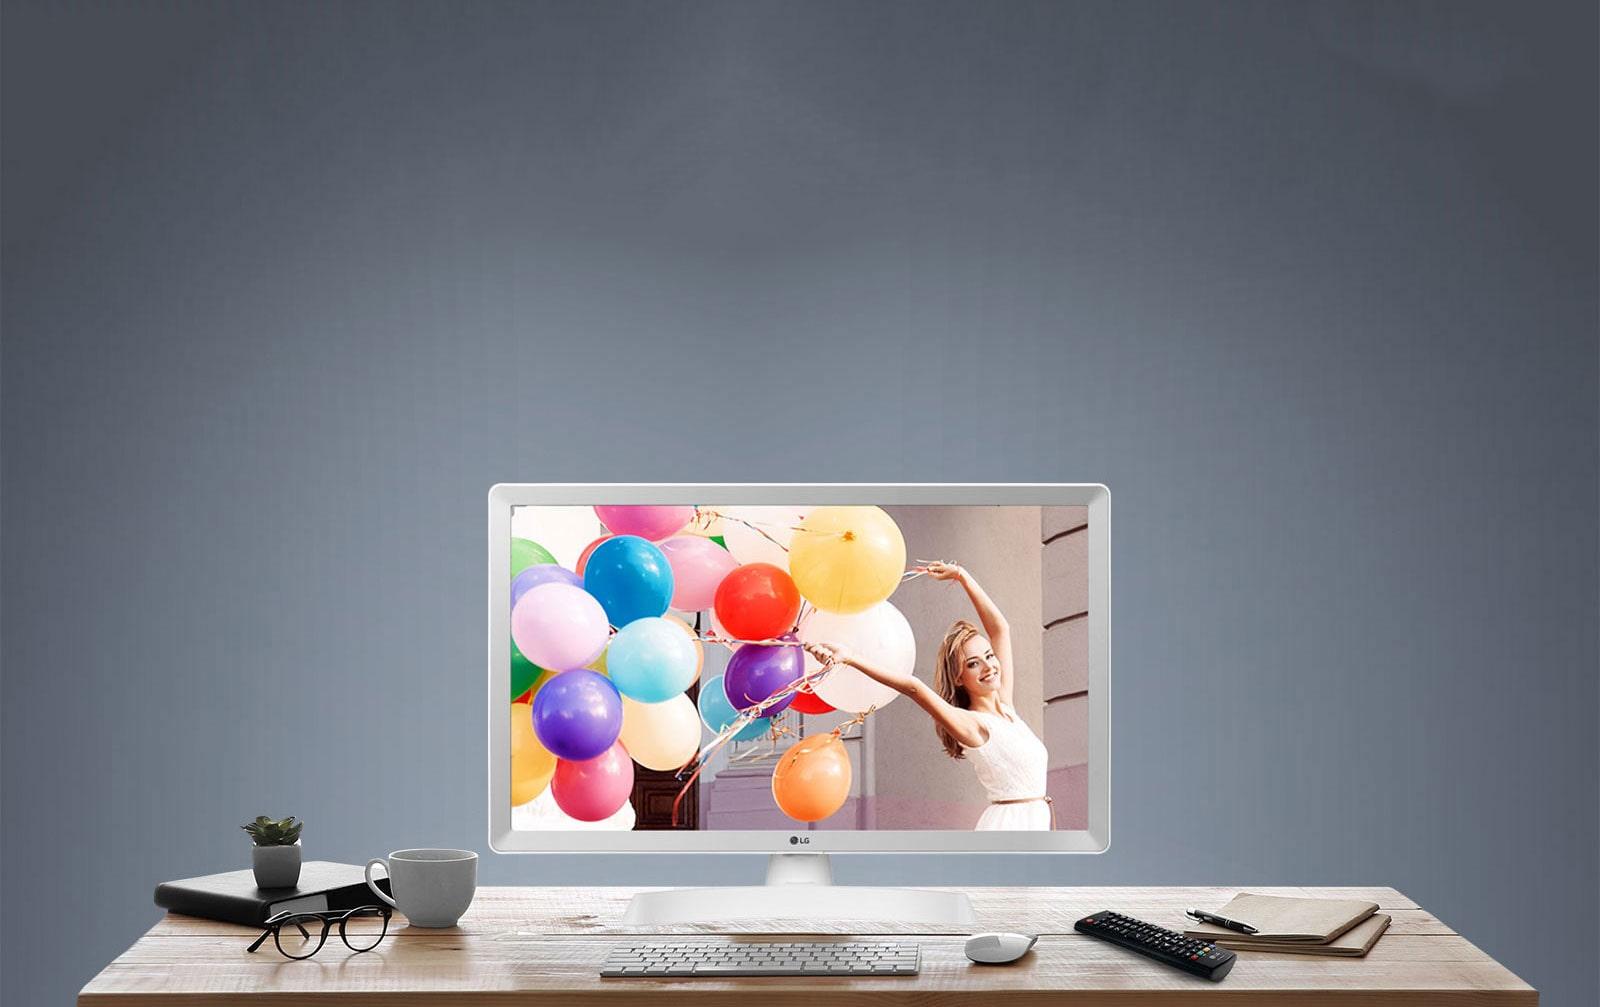 Disfruta de un monitor y una televisión al mismo tiempo con el monitor LED LG para televisión.